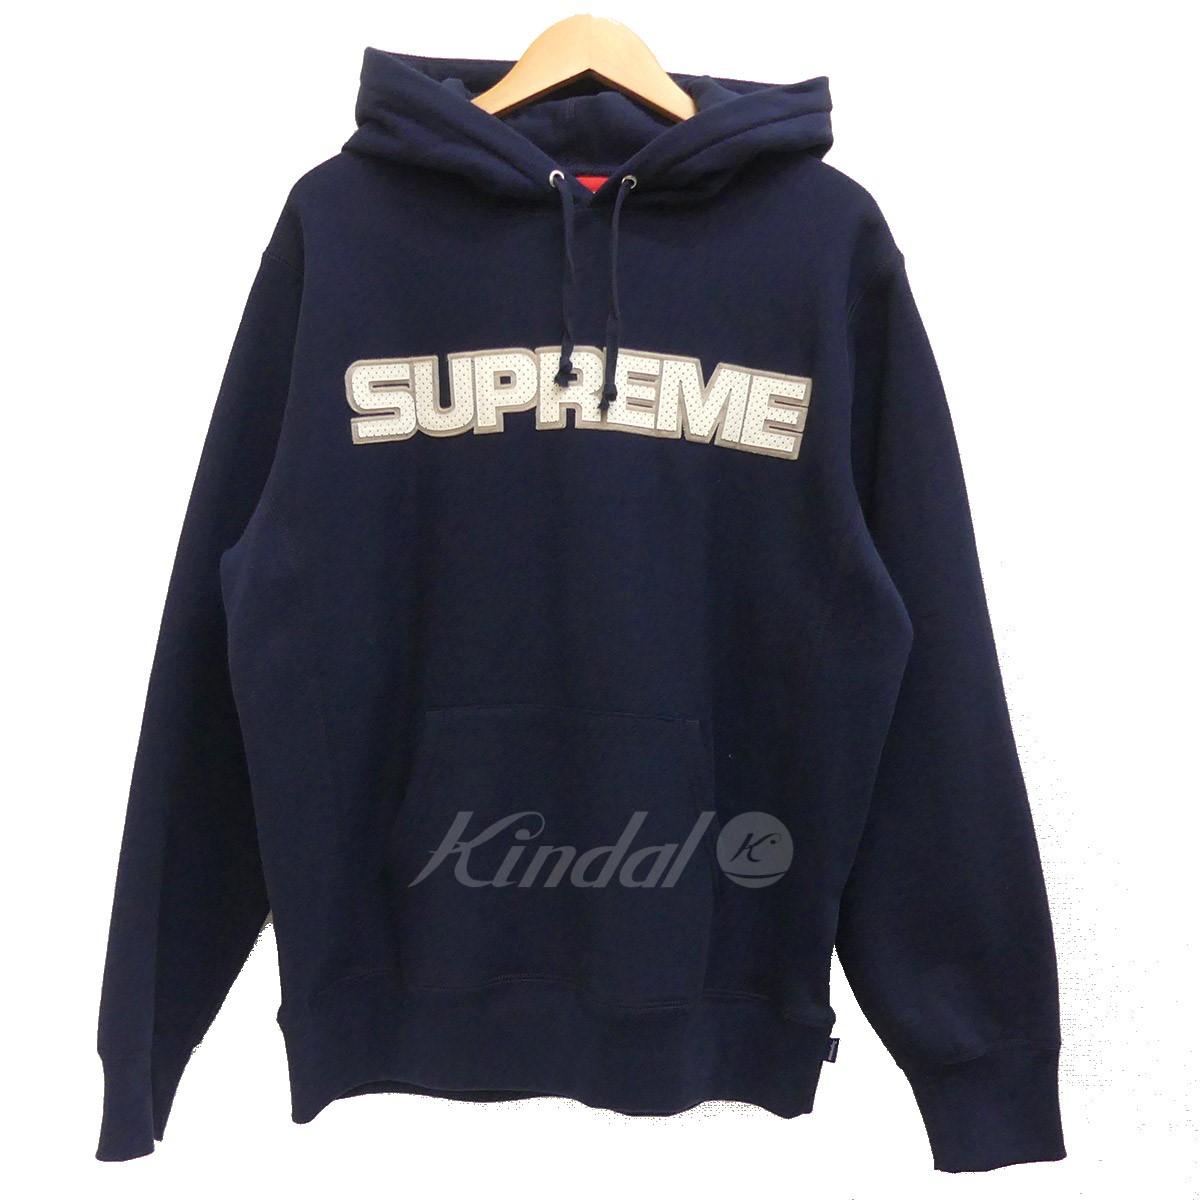 【中古】SUPREME 2018AW Perforated Leather Hooded SweatShirt ネイビー サイズ:M 【送料無料】 【220918】(シュプリーム)